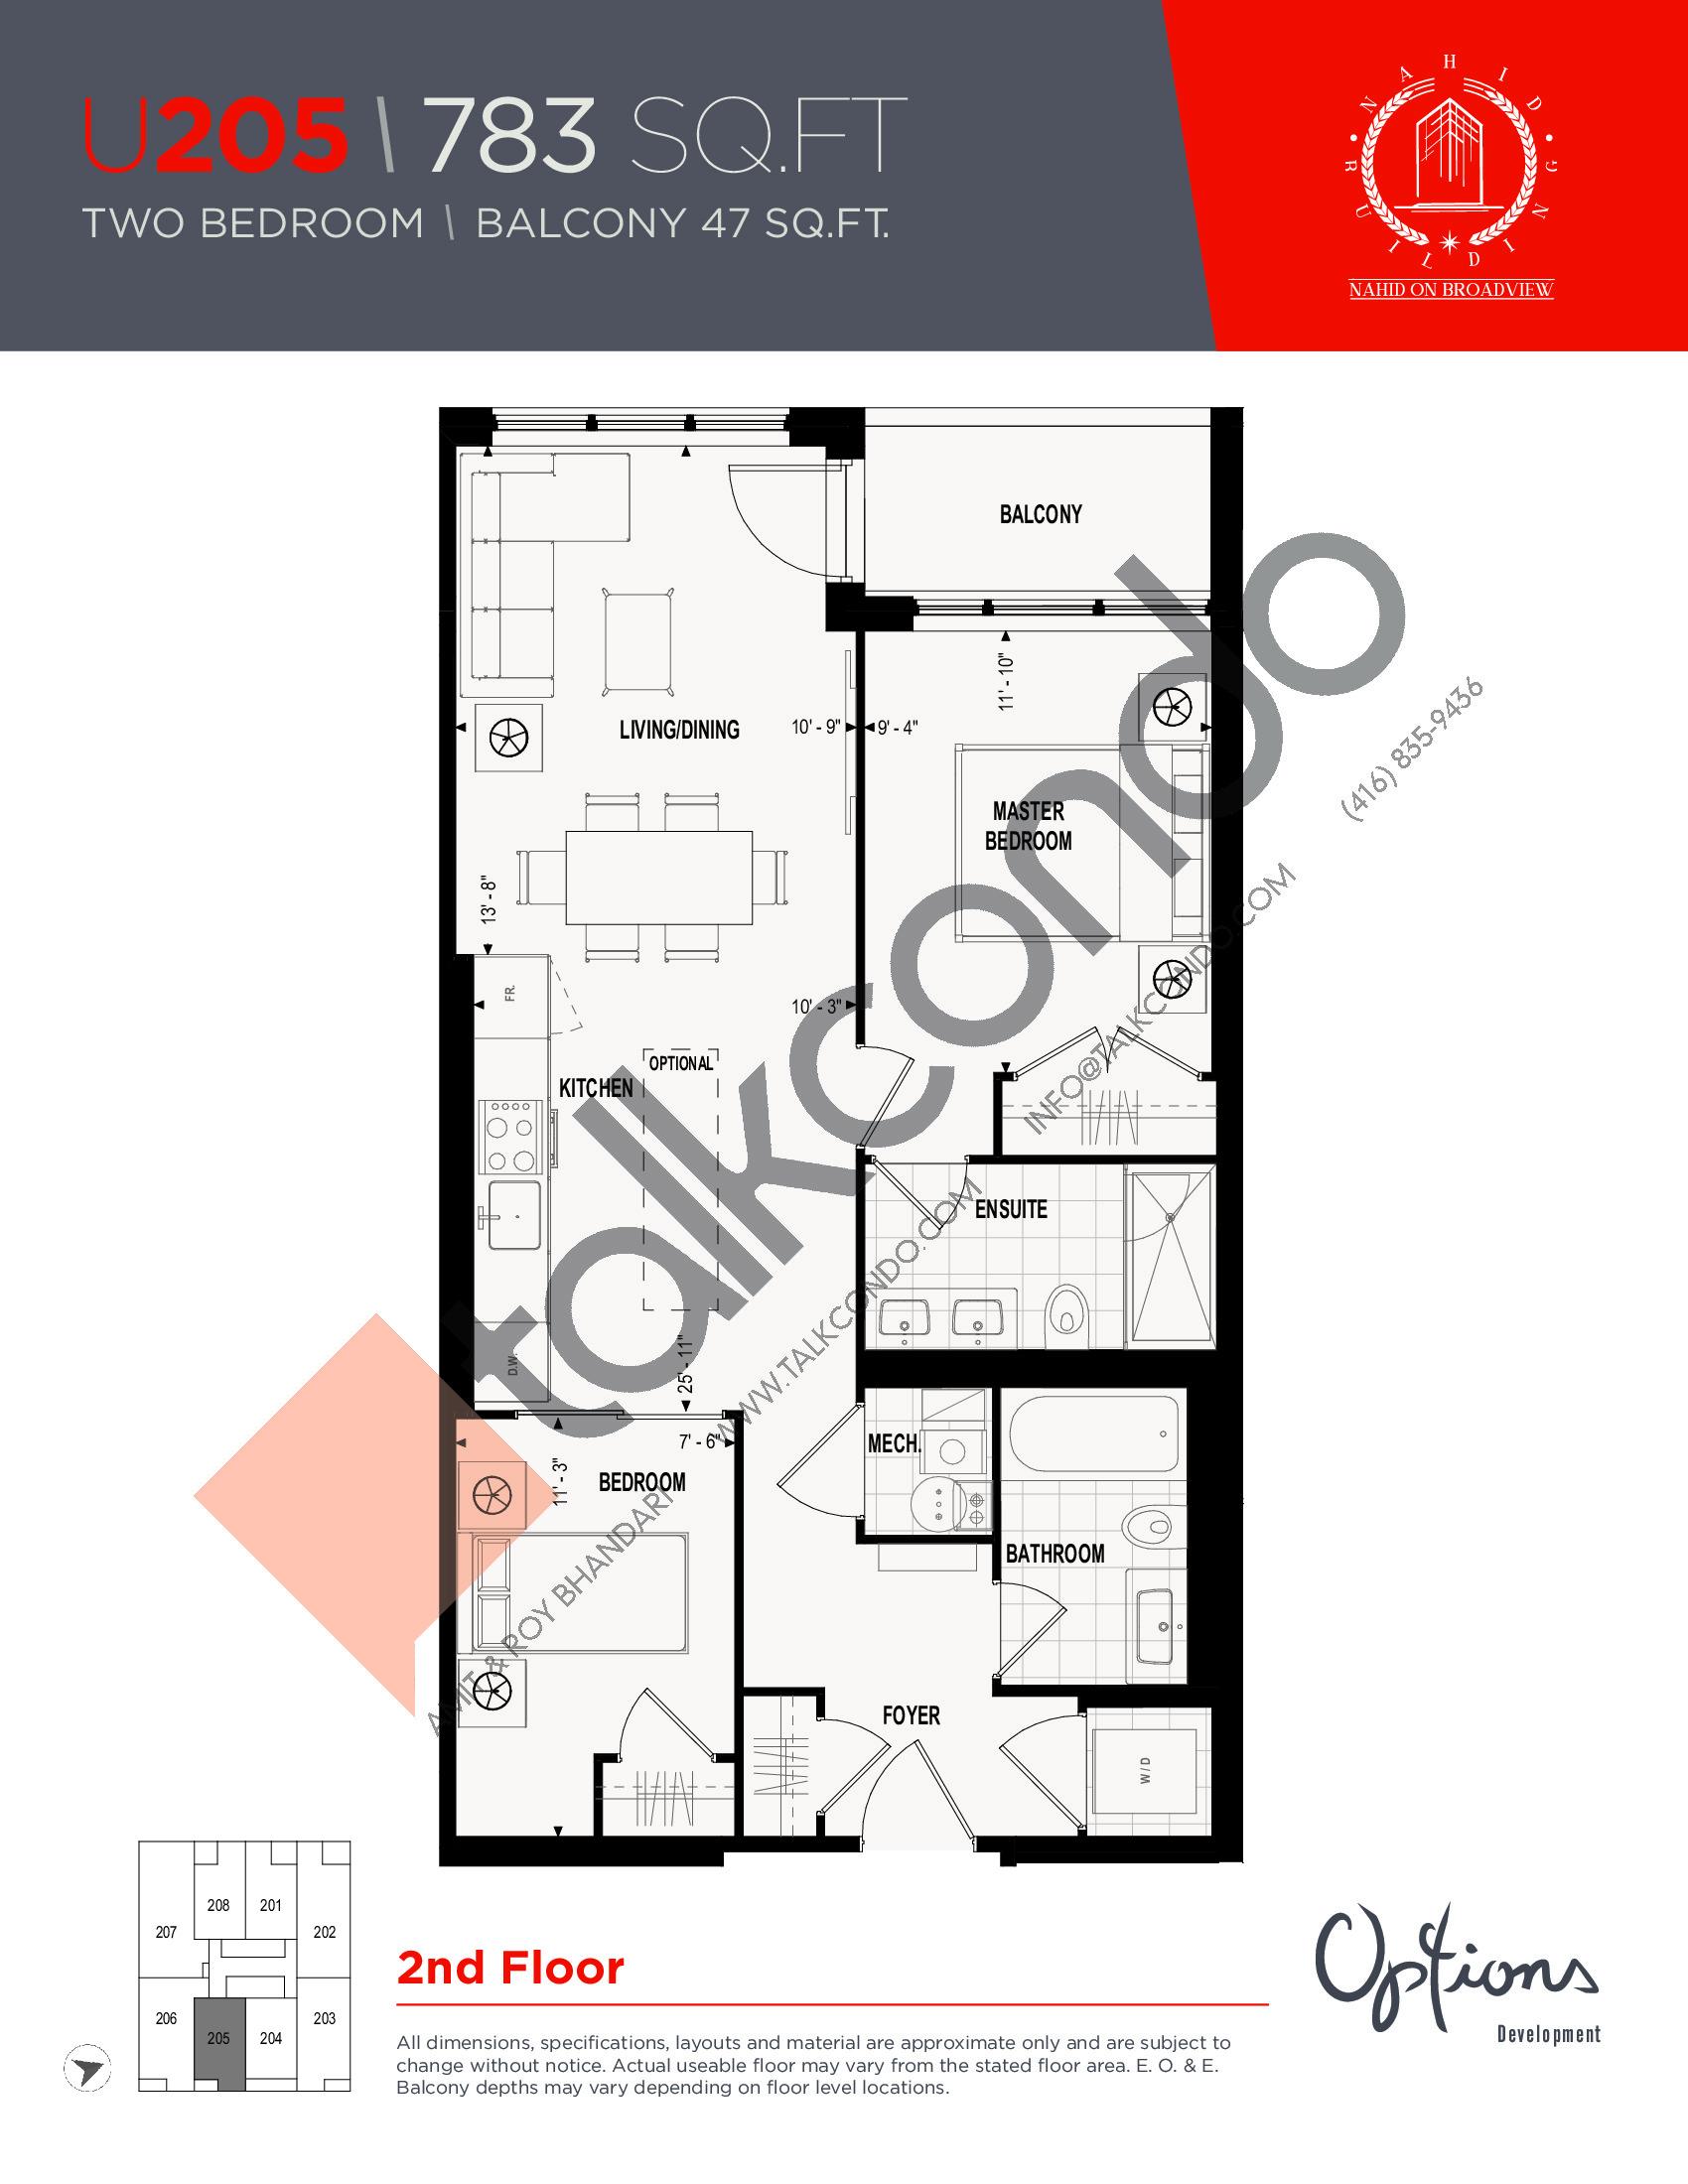 U205 Floor Plan at Nahid on Broadview Condos - 783 sq.ft